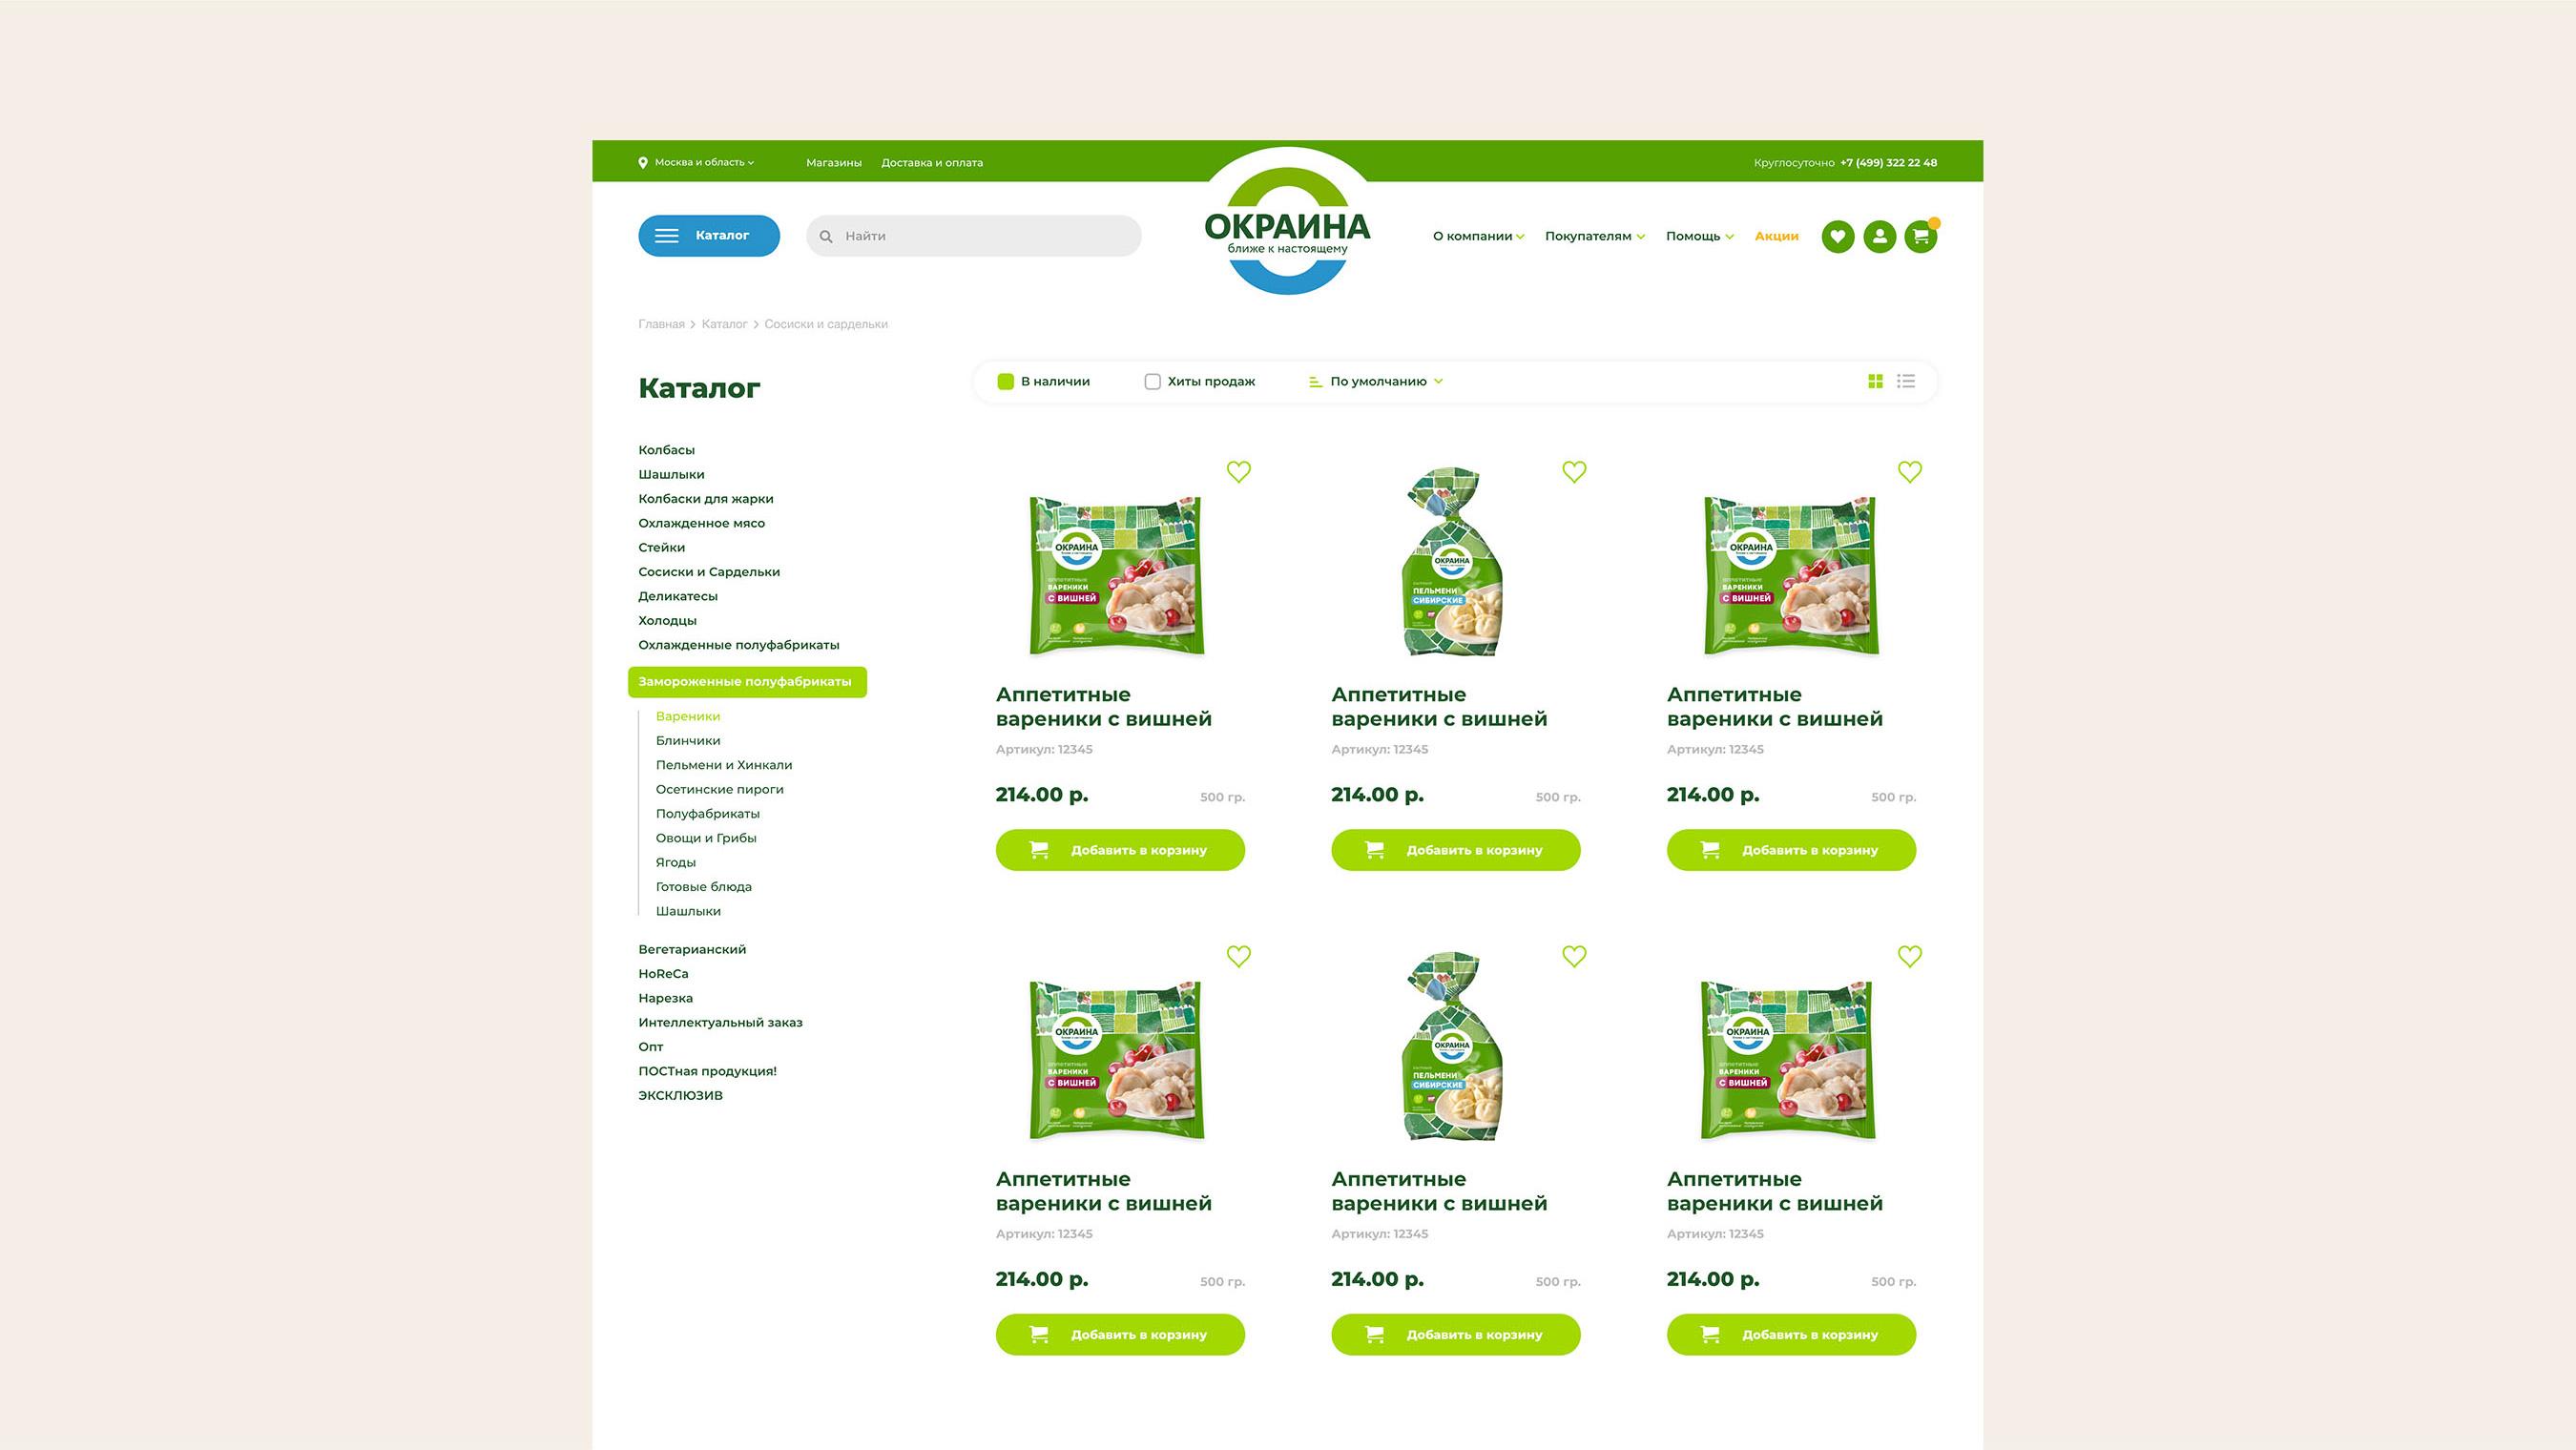 Брендинговое агентство BRANDEXPERT «Остров Свободы» разработало дизайн интернет-магазина бренда «Окраина»